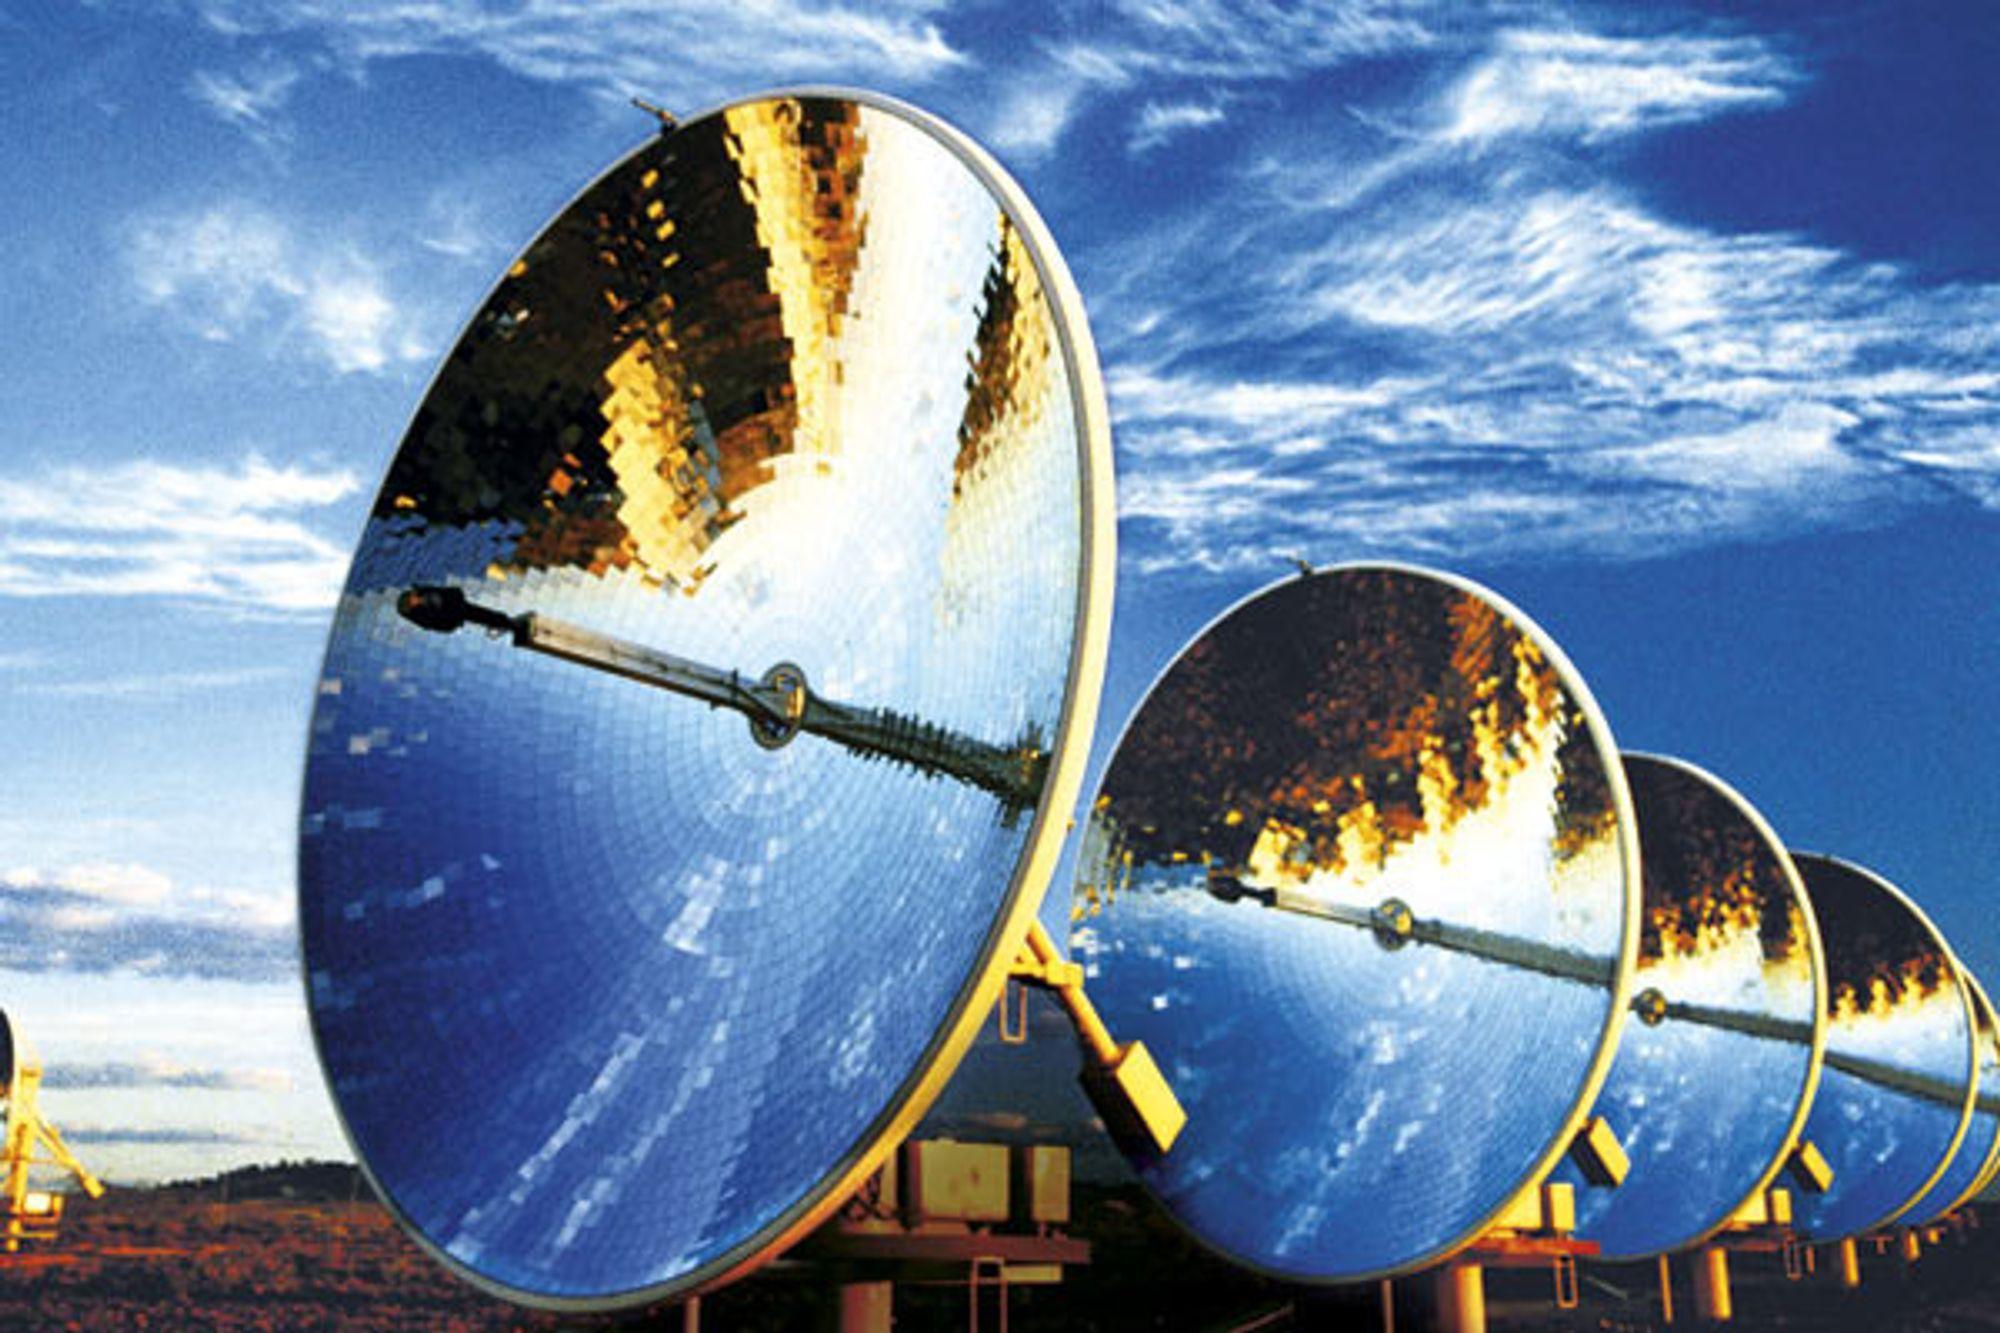 Solenergi fokuseres og gir konsentrert energi ved hjelp av speil som følger solens bevegelse. Reflektorene dreies og sollyset blir fokusert mot et oljefylt rør. Varmen i oljen driver en turbin som gir elektrisk strøm.